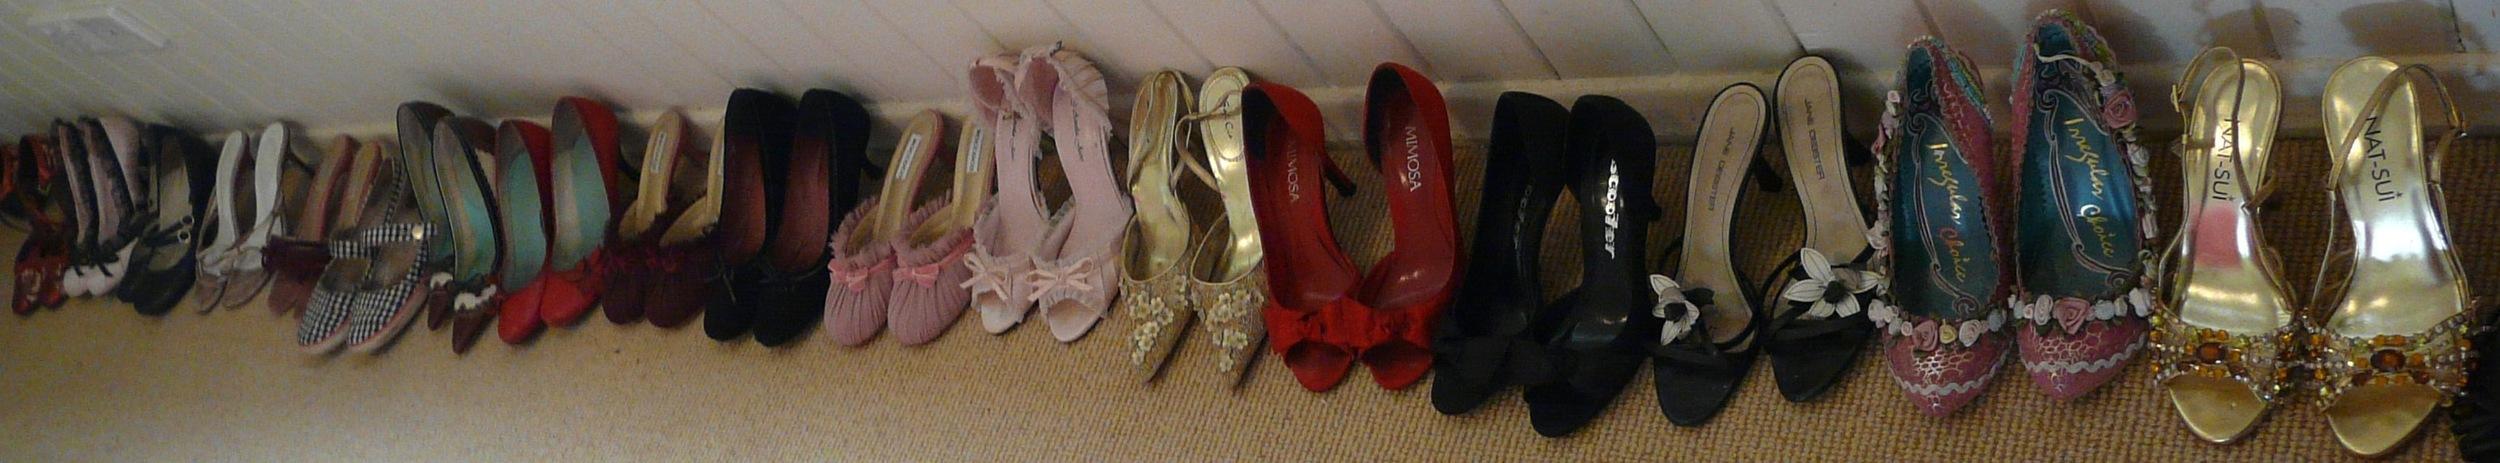 Extra shoe problem